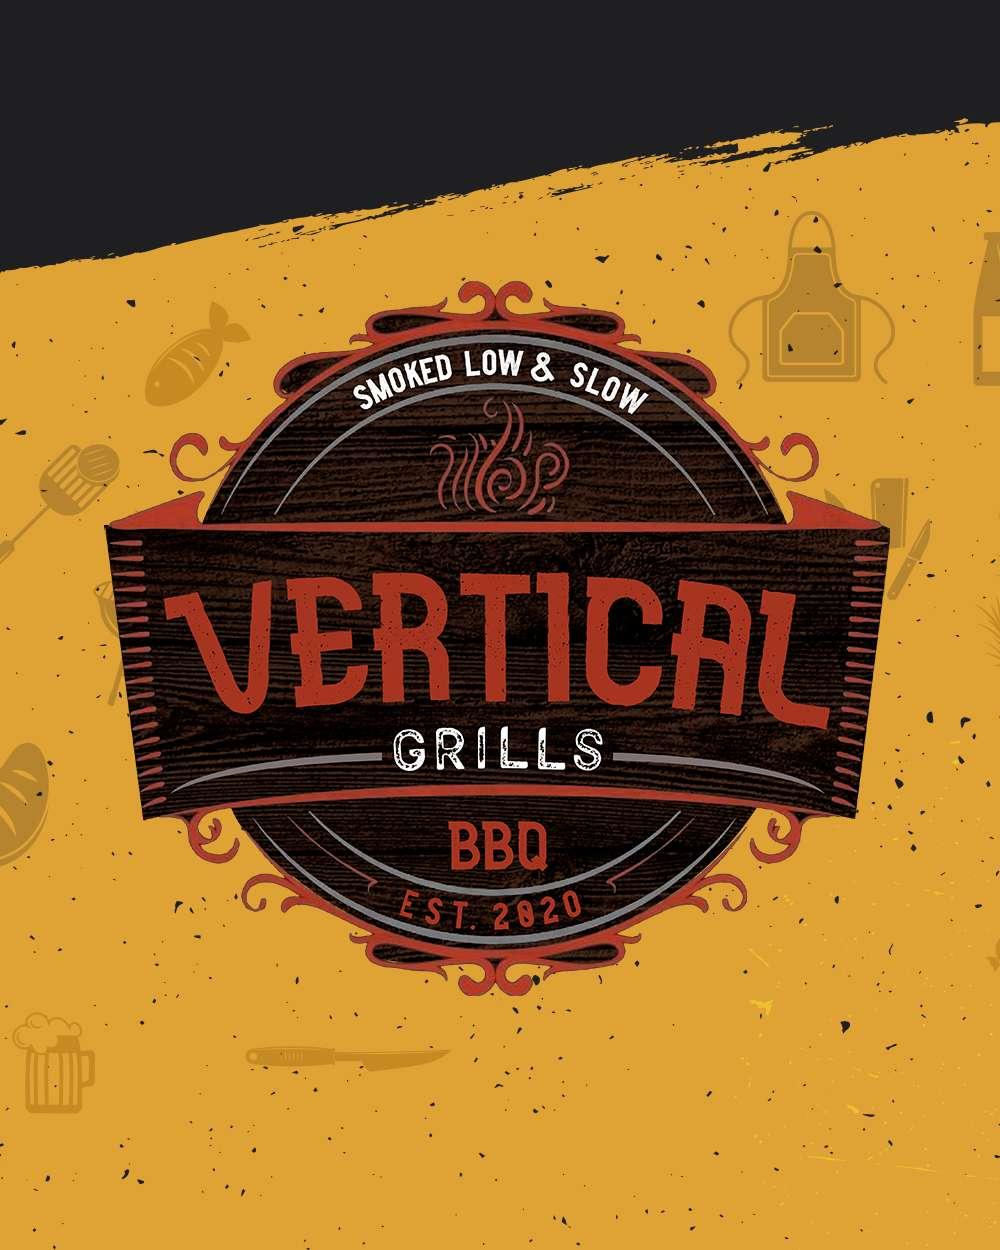 Vertical Grills